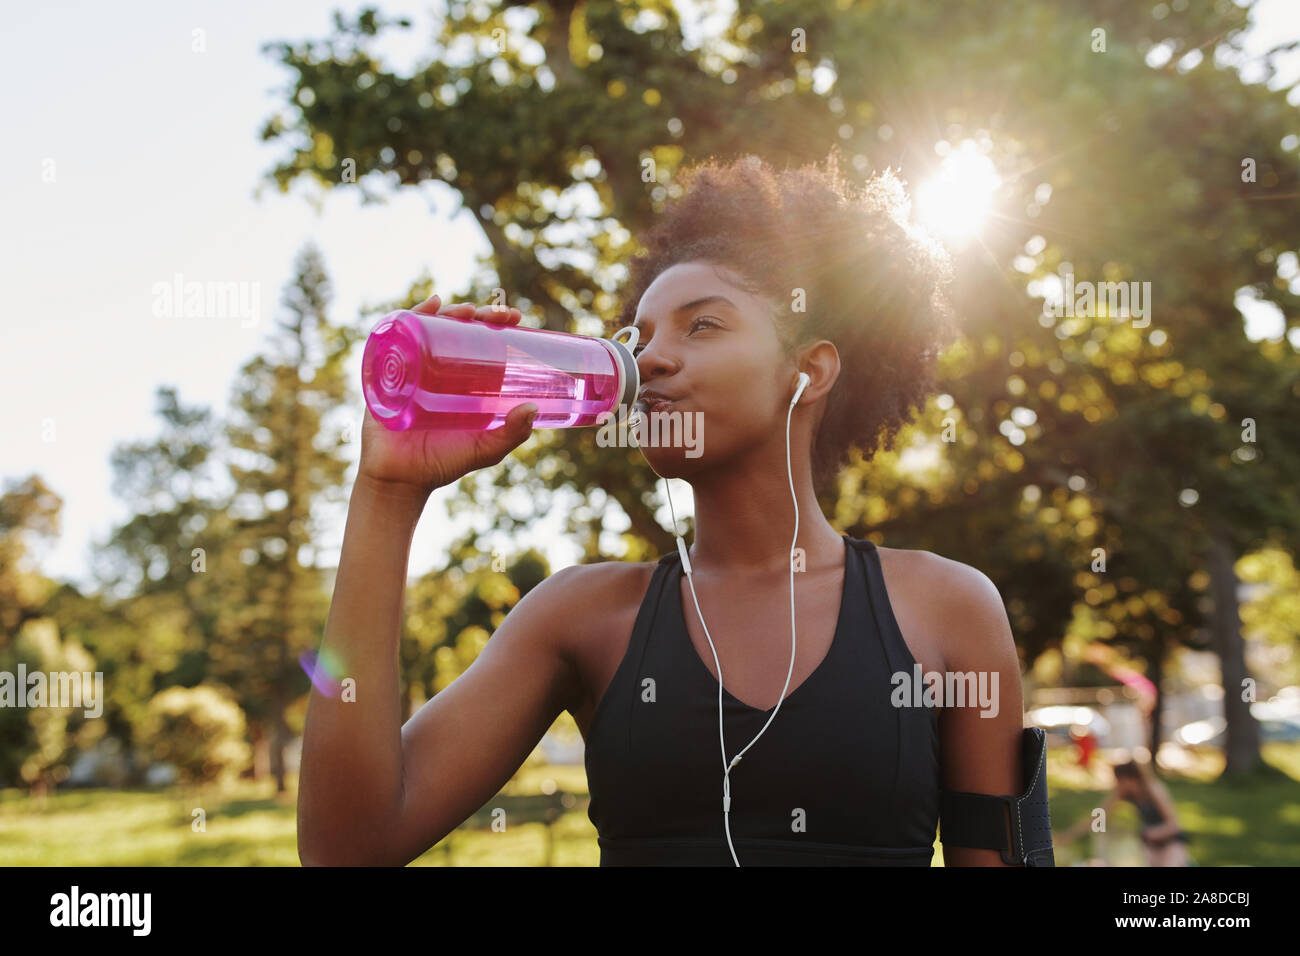 Athlète Fitness young african american woman listening to music on earphones l'eau potable dans une bouteille d'eau réutilisable après l'entraînement sur l'exercice Banque D'Images